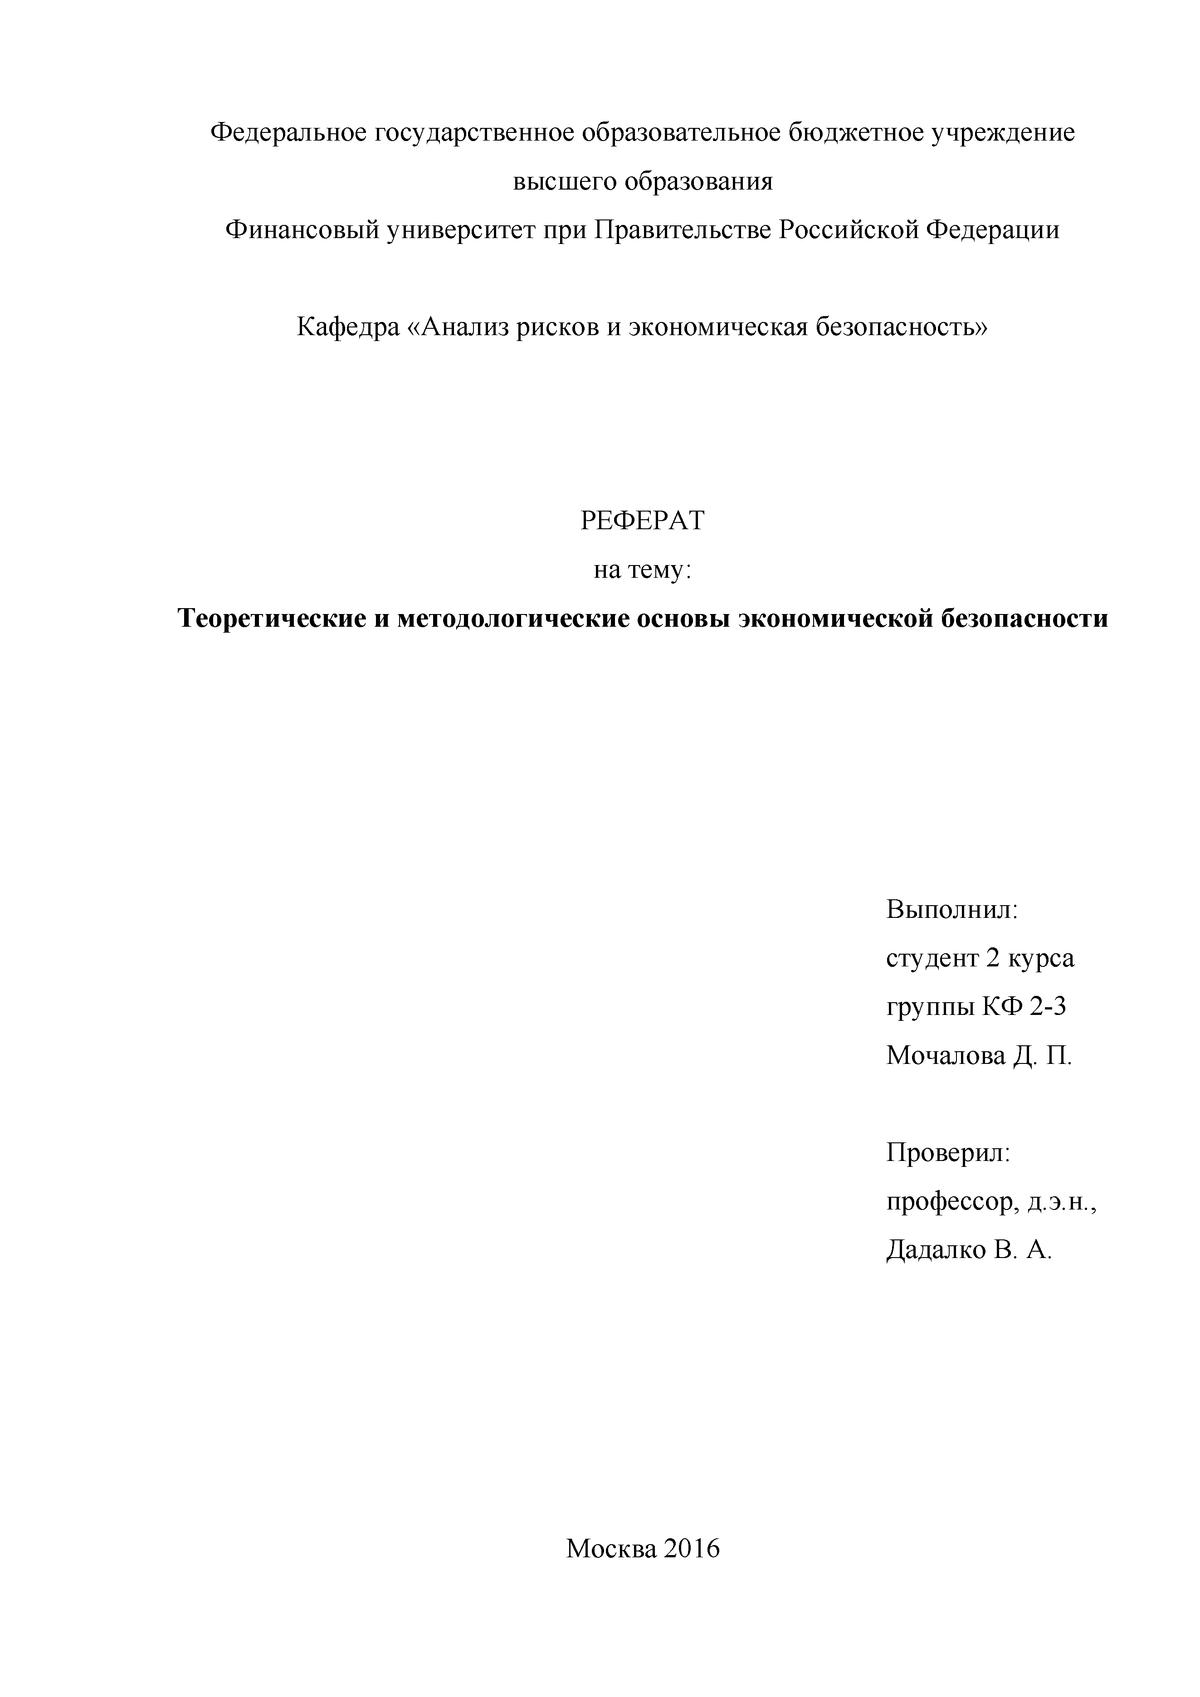 Темы по экономической безопасности для реферата 3987